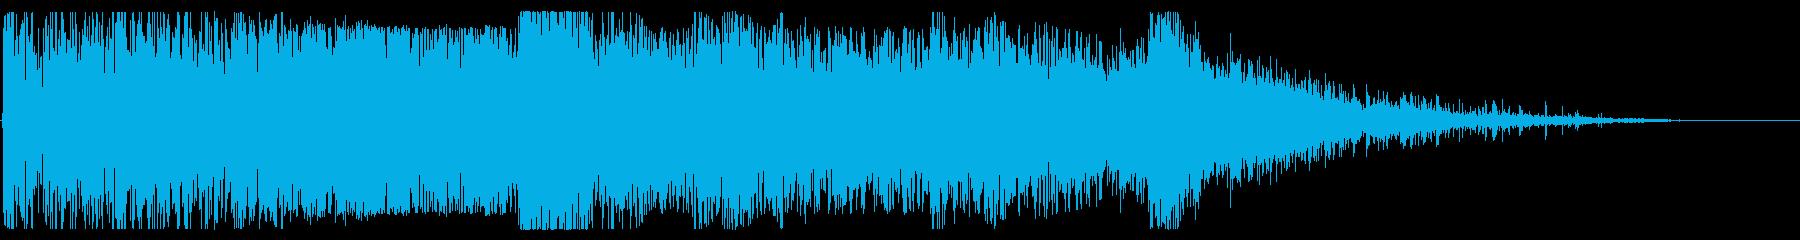 重い複数の爆発衝撃爆風、溶射破片の再生済みの波形